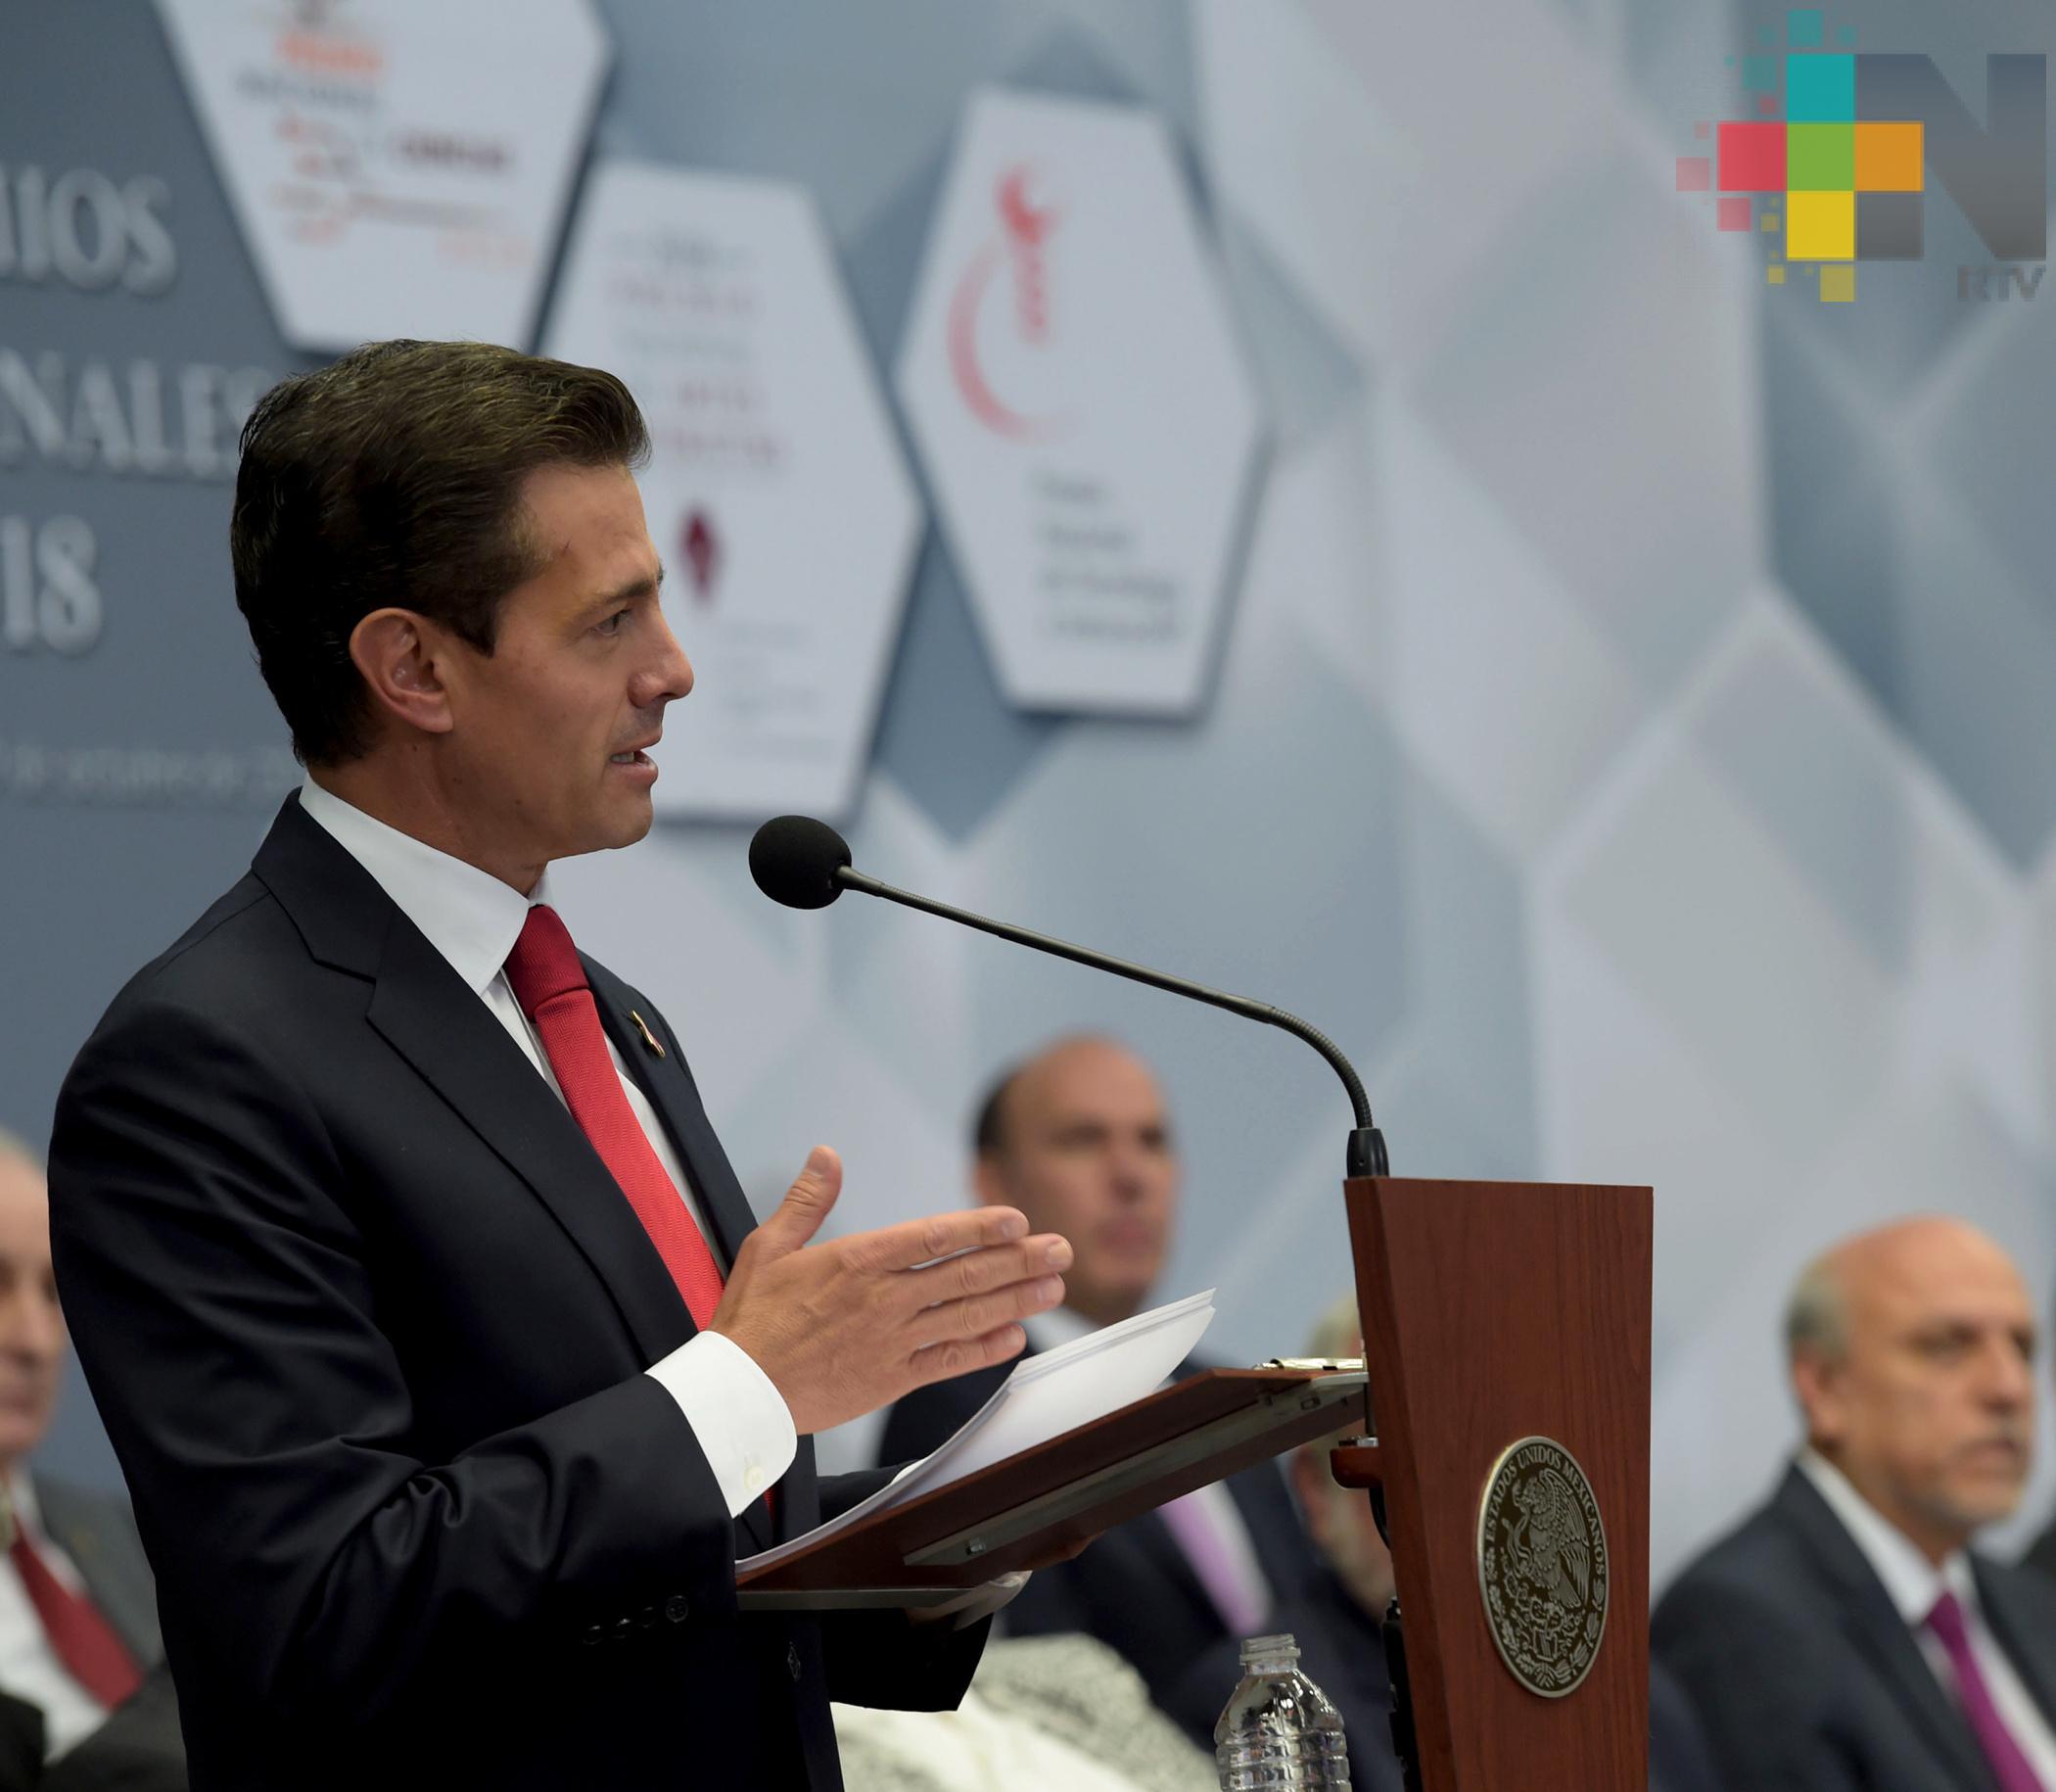 Nuevo gobierno deberá pagar compromisos si cancela aeropuerto en Texcoco Peña Nieto